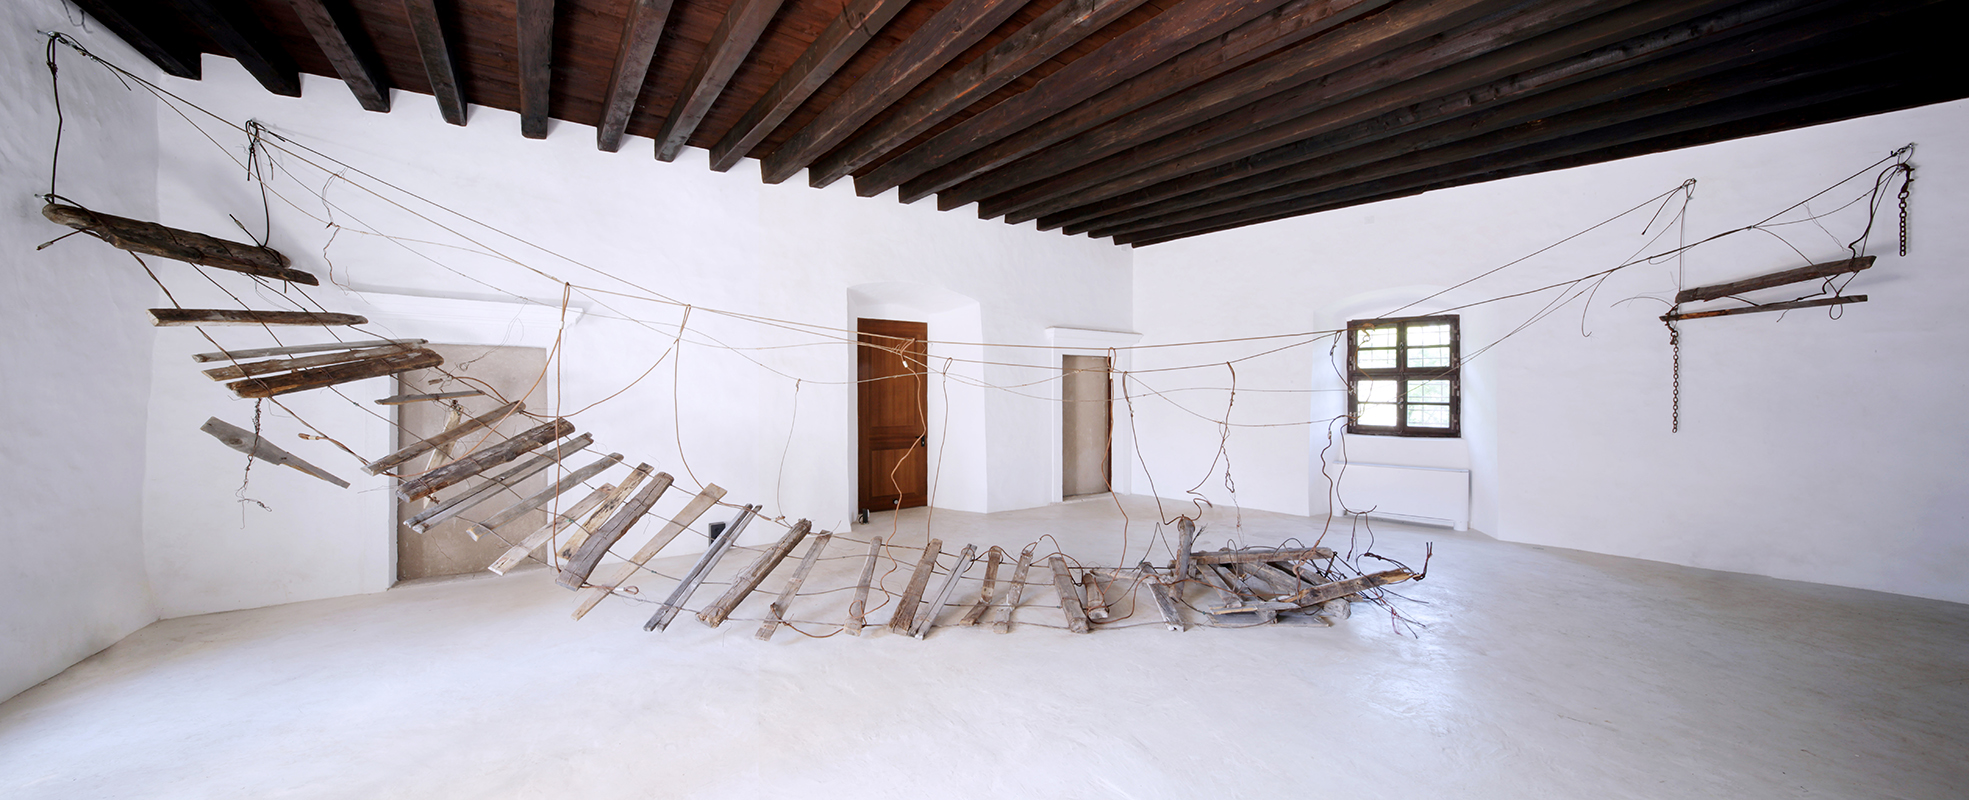 Daniele Girardi, Abaton, 2021, site specific installation- installazione arte-